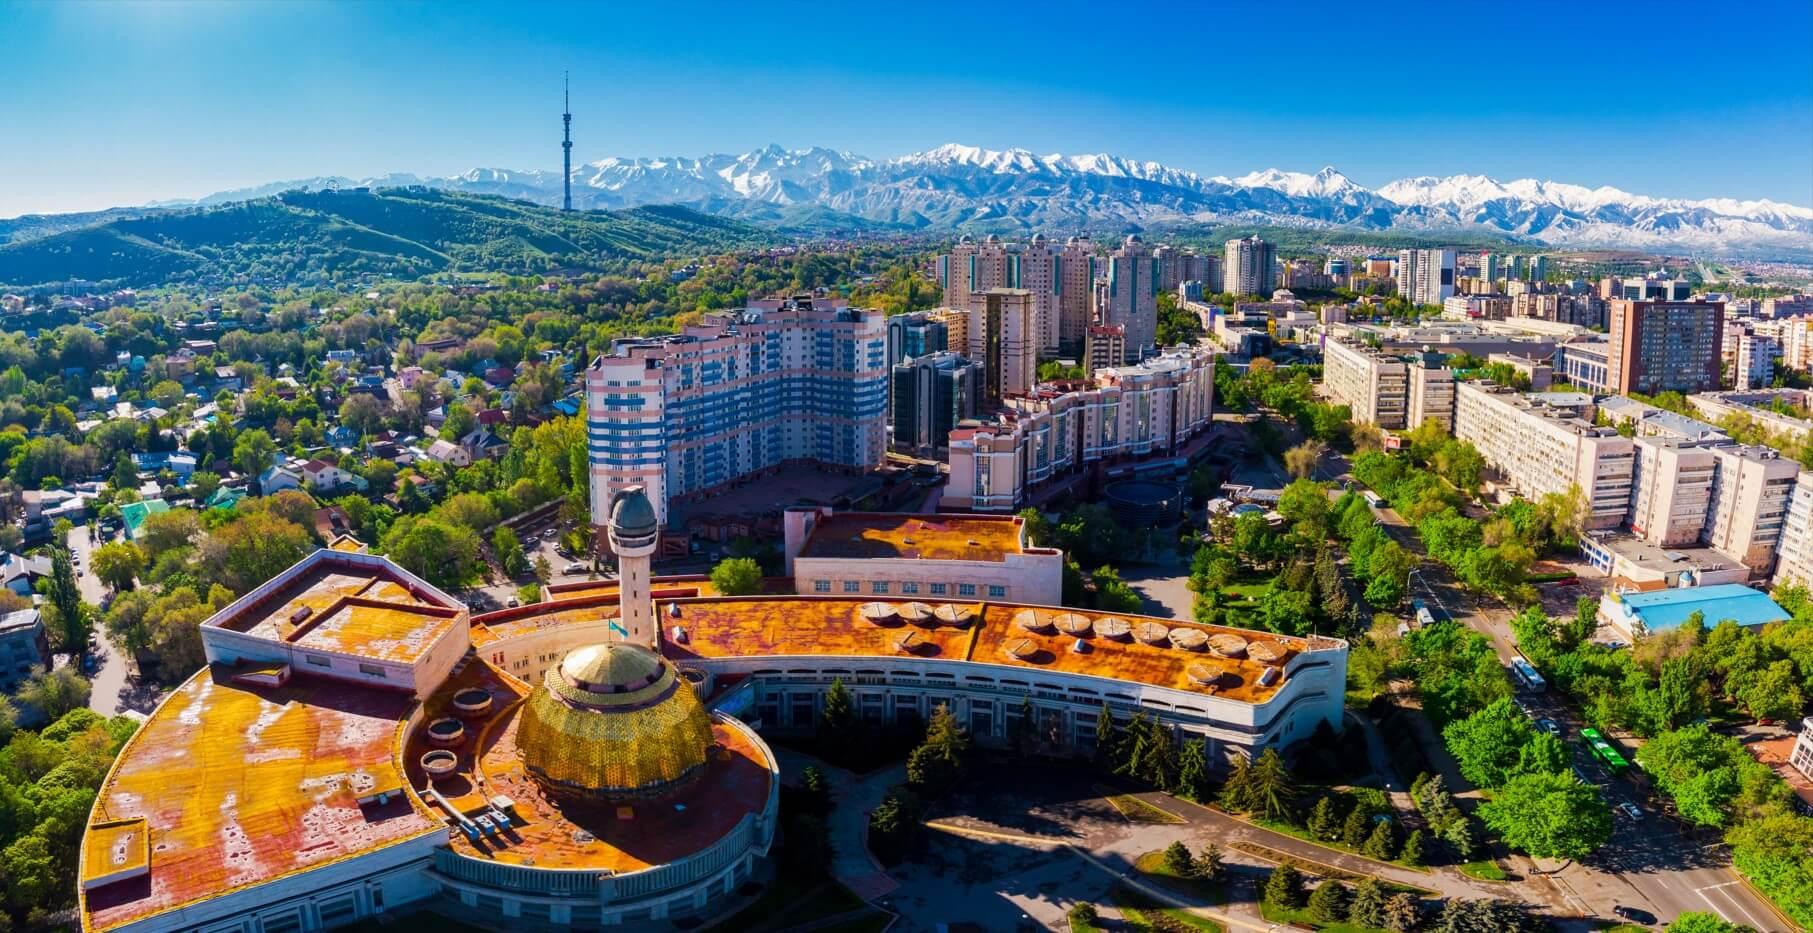 Çimkent'te nerede kalınır